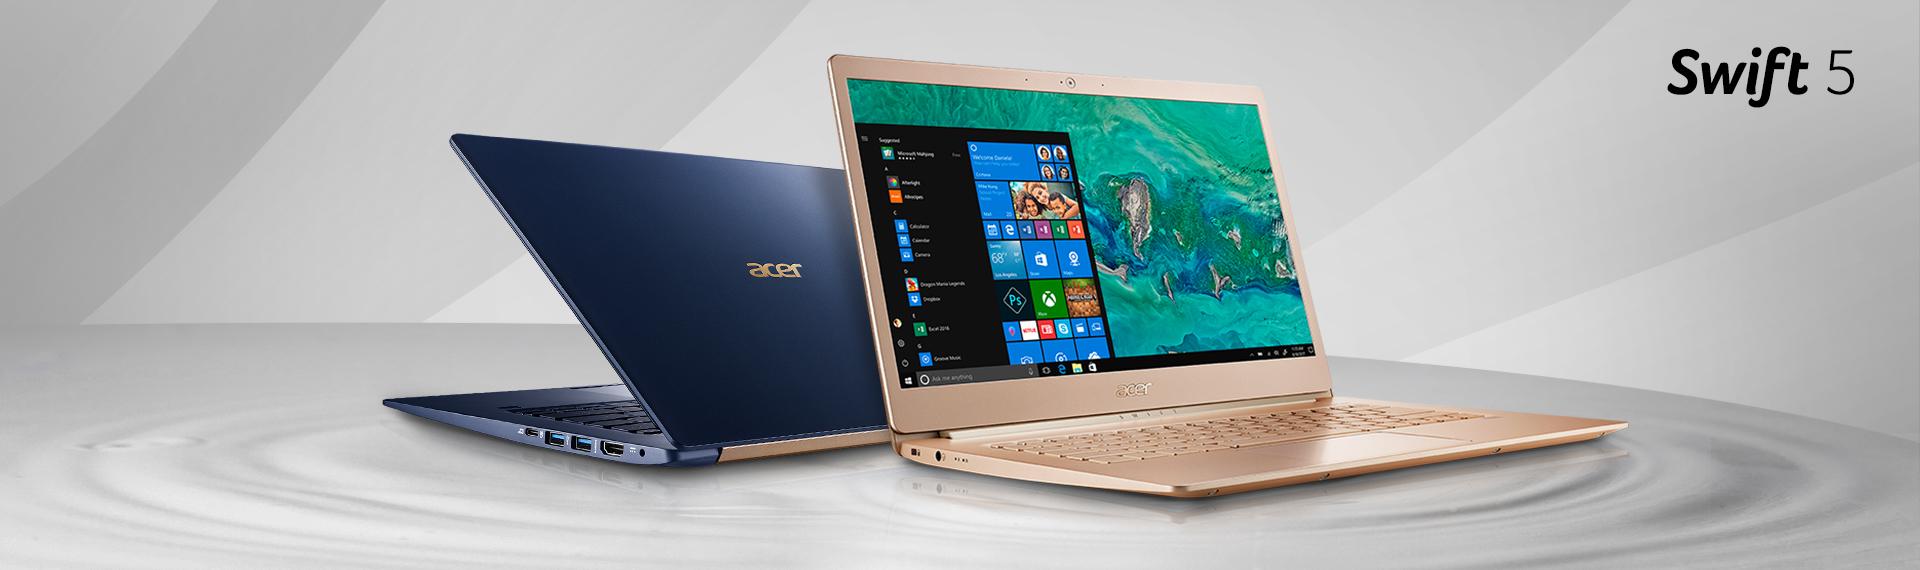 Mobile Working Pasti Nyaman Kalau Pakai Laptop Kurang dari 1 Kg!